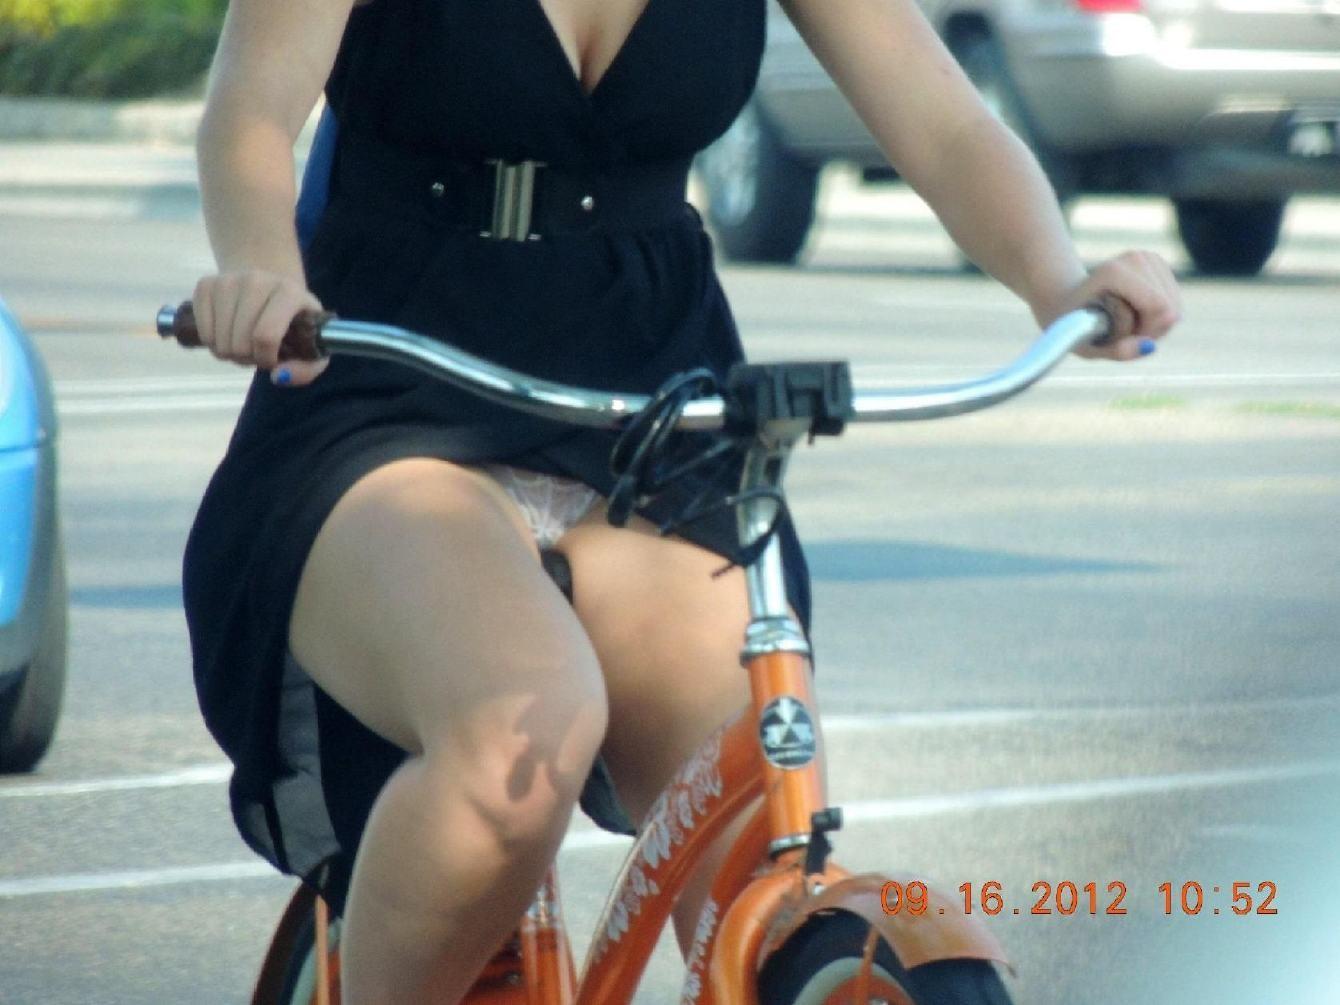 【パンチラエロ画像】ミニスカ女性がチャリ跨いだらパンツ見えるのはもはや揺るがぬ約束事www 11